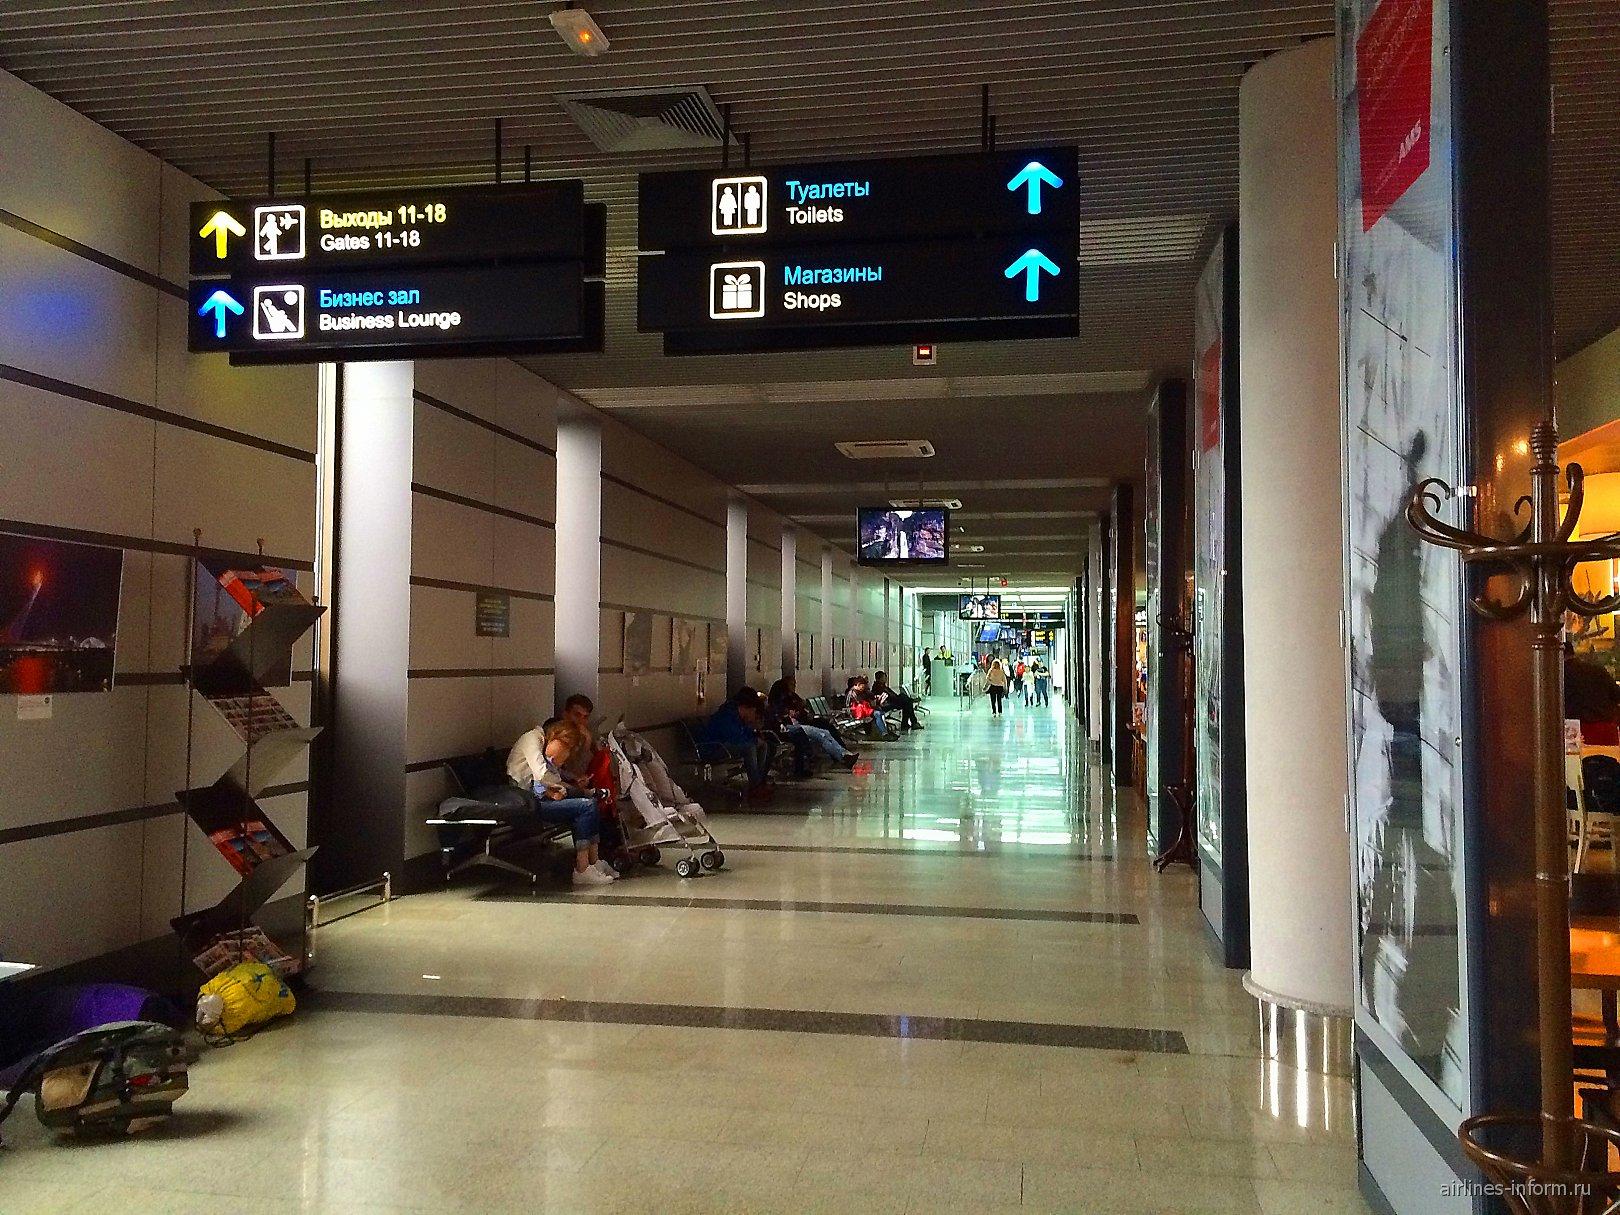 Галерея выходов на посадку в аэропорту Сочи